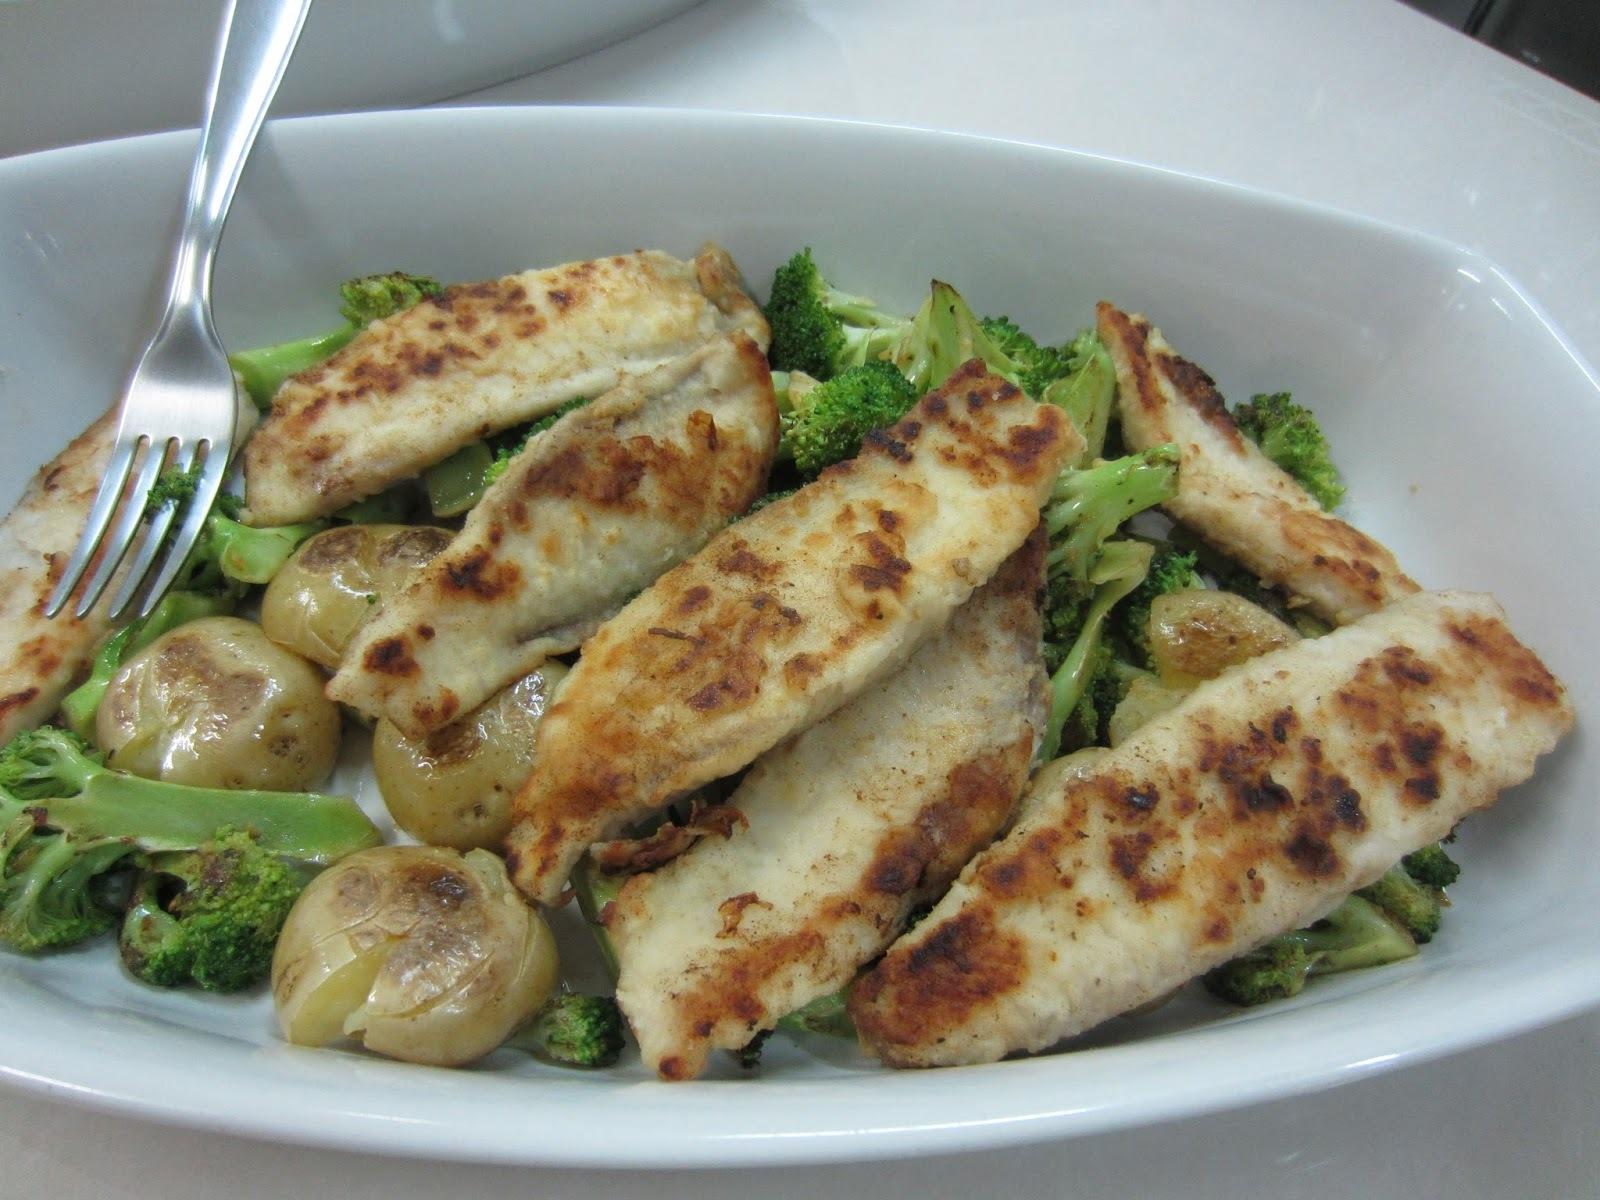 Tilápia grelhada com brócolis e batatas ao murro